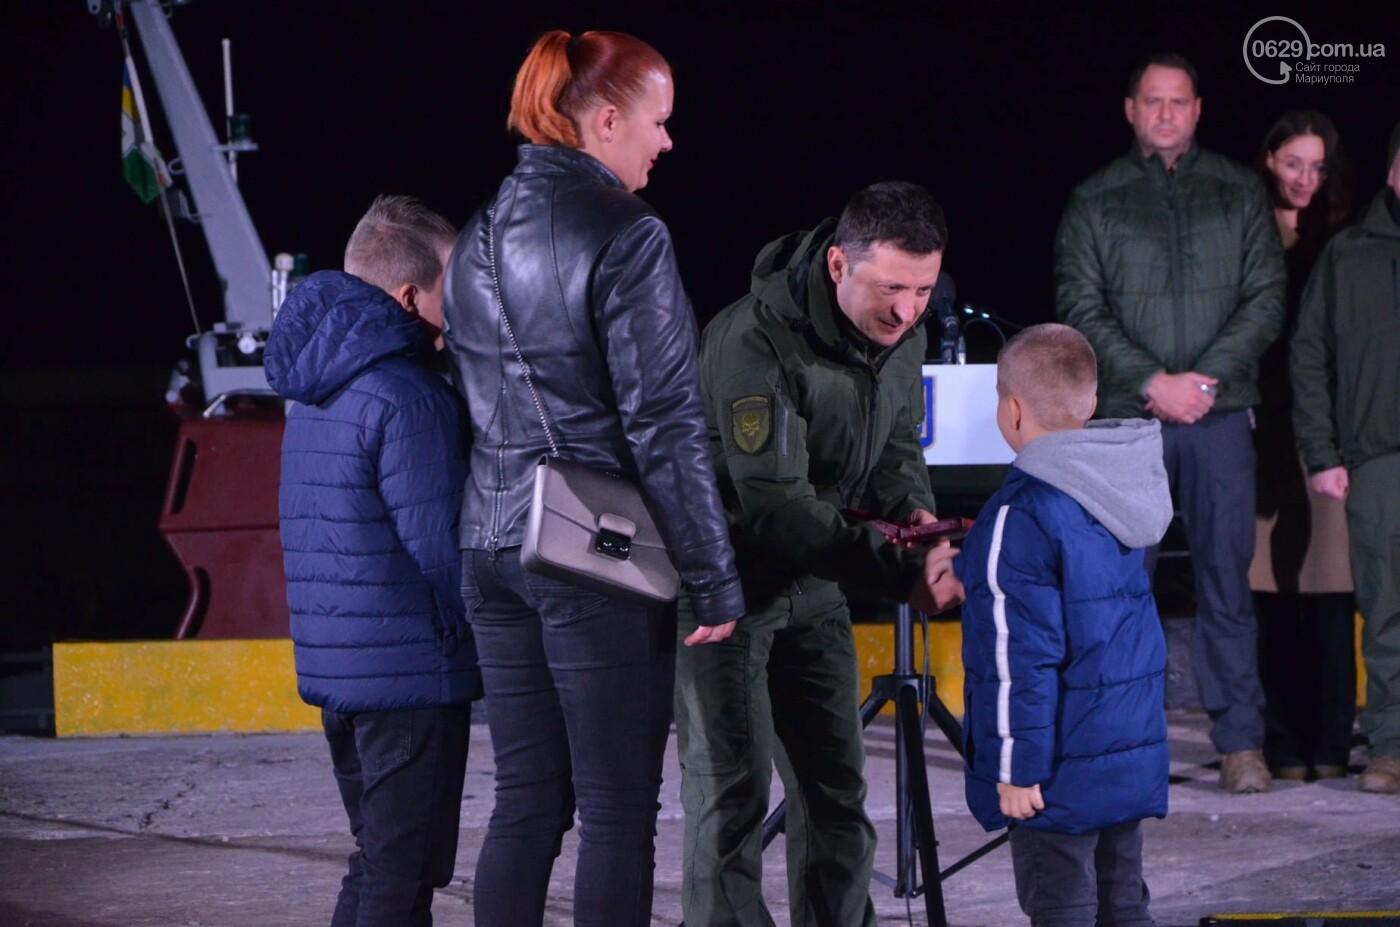 В Мариуполе Владимир Зеленский поздравил защитников и защитниц Украины,- ФОТО, ВИДЕО, фото-3